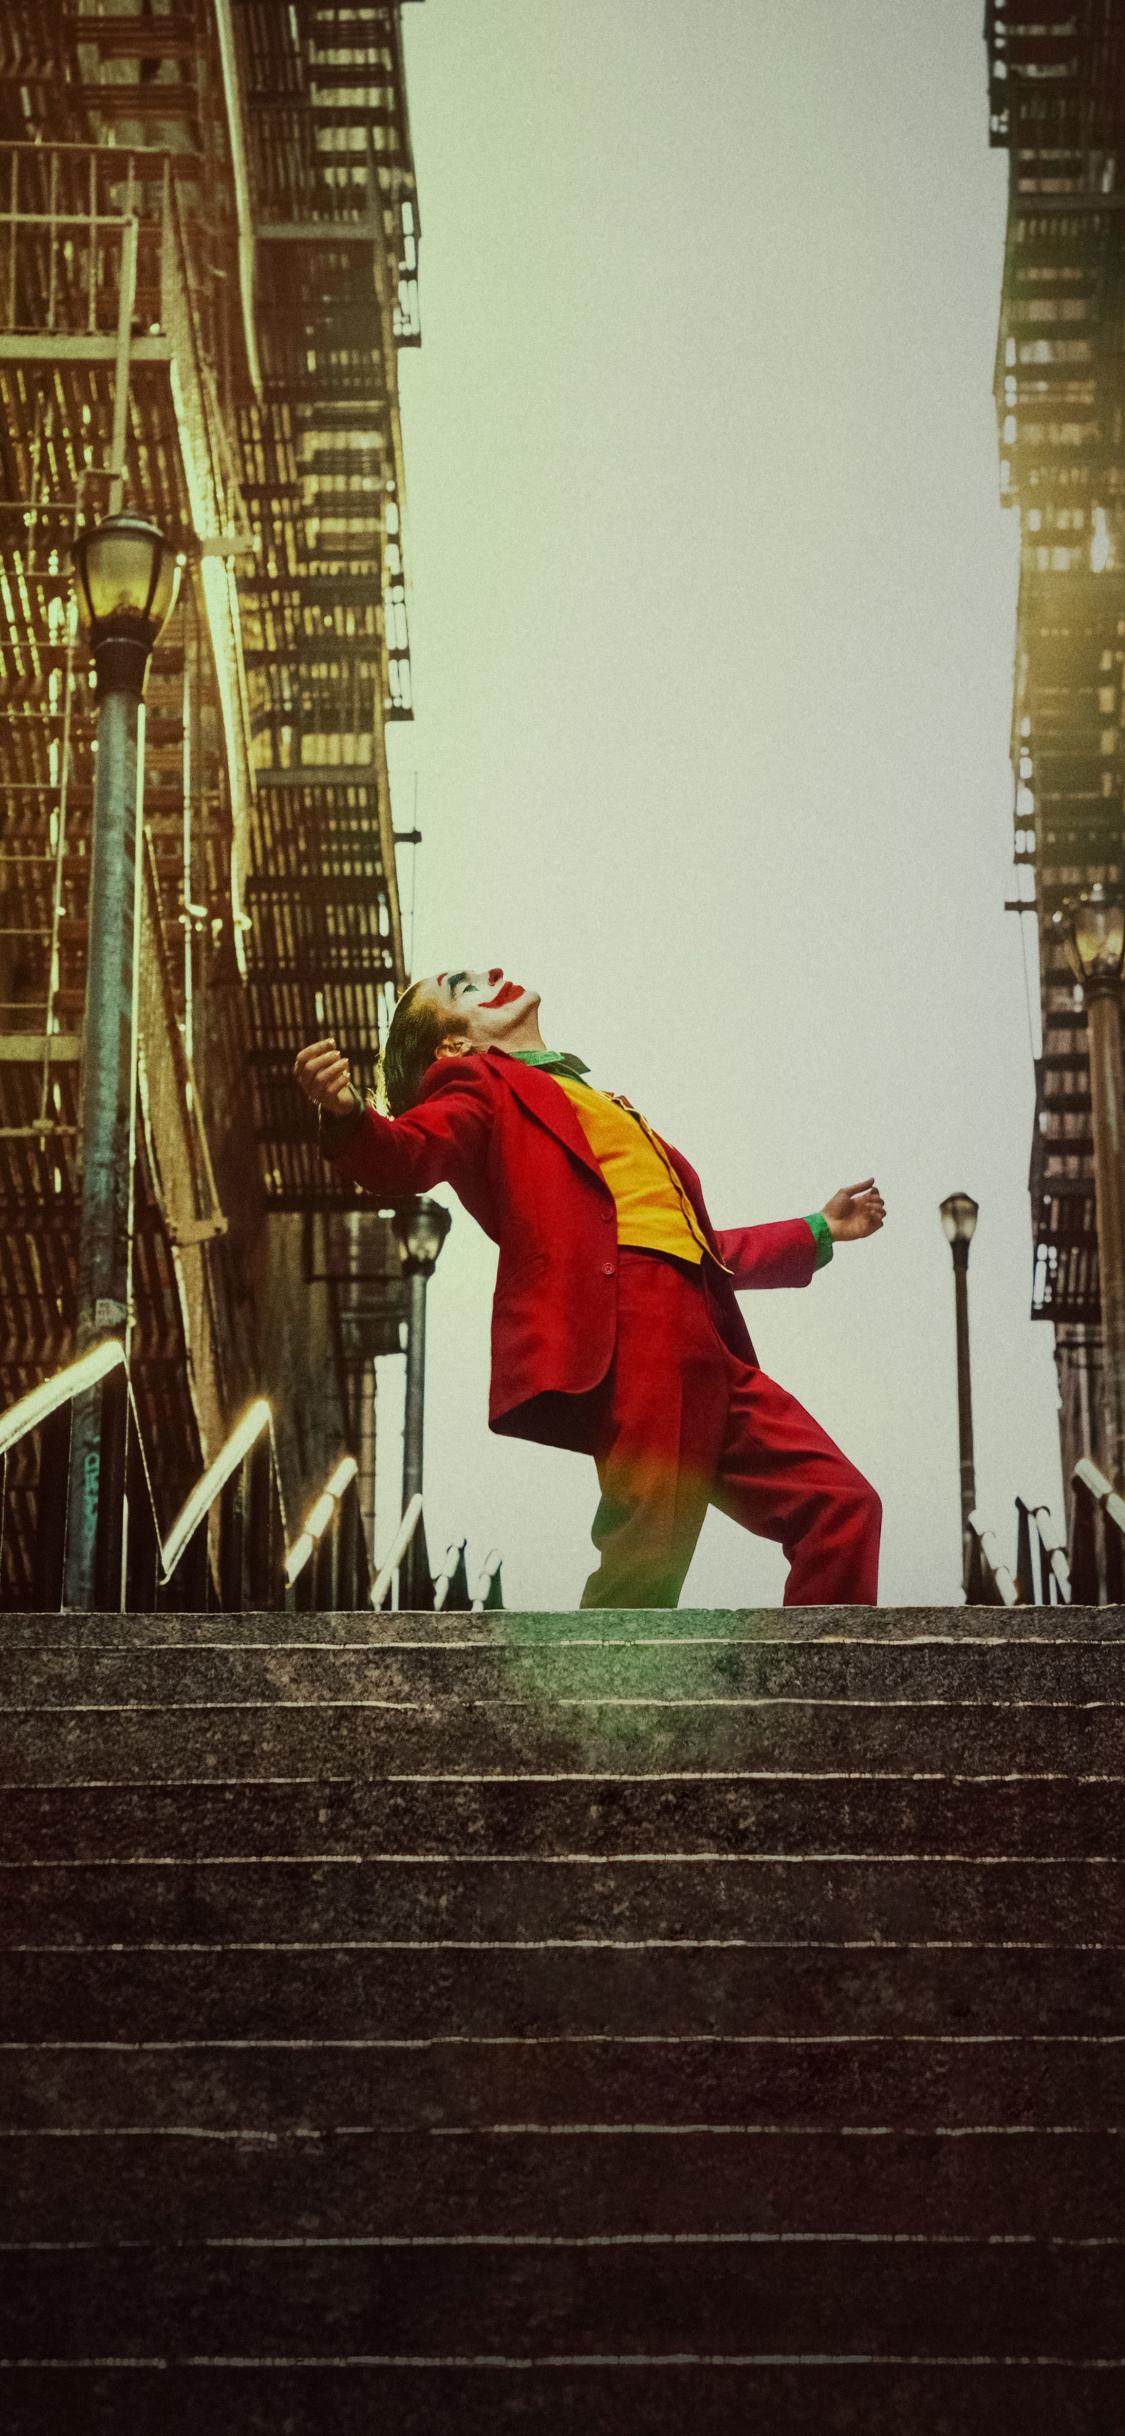 Joker 2019 Wallpaper Iphone , HD Wallpaper & Backgrounds